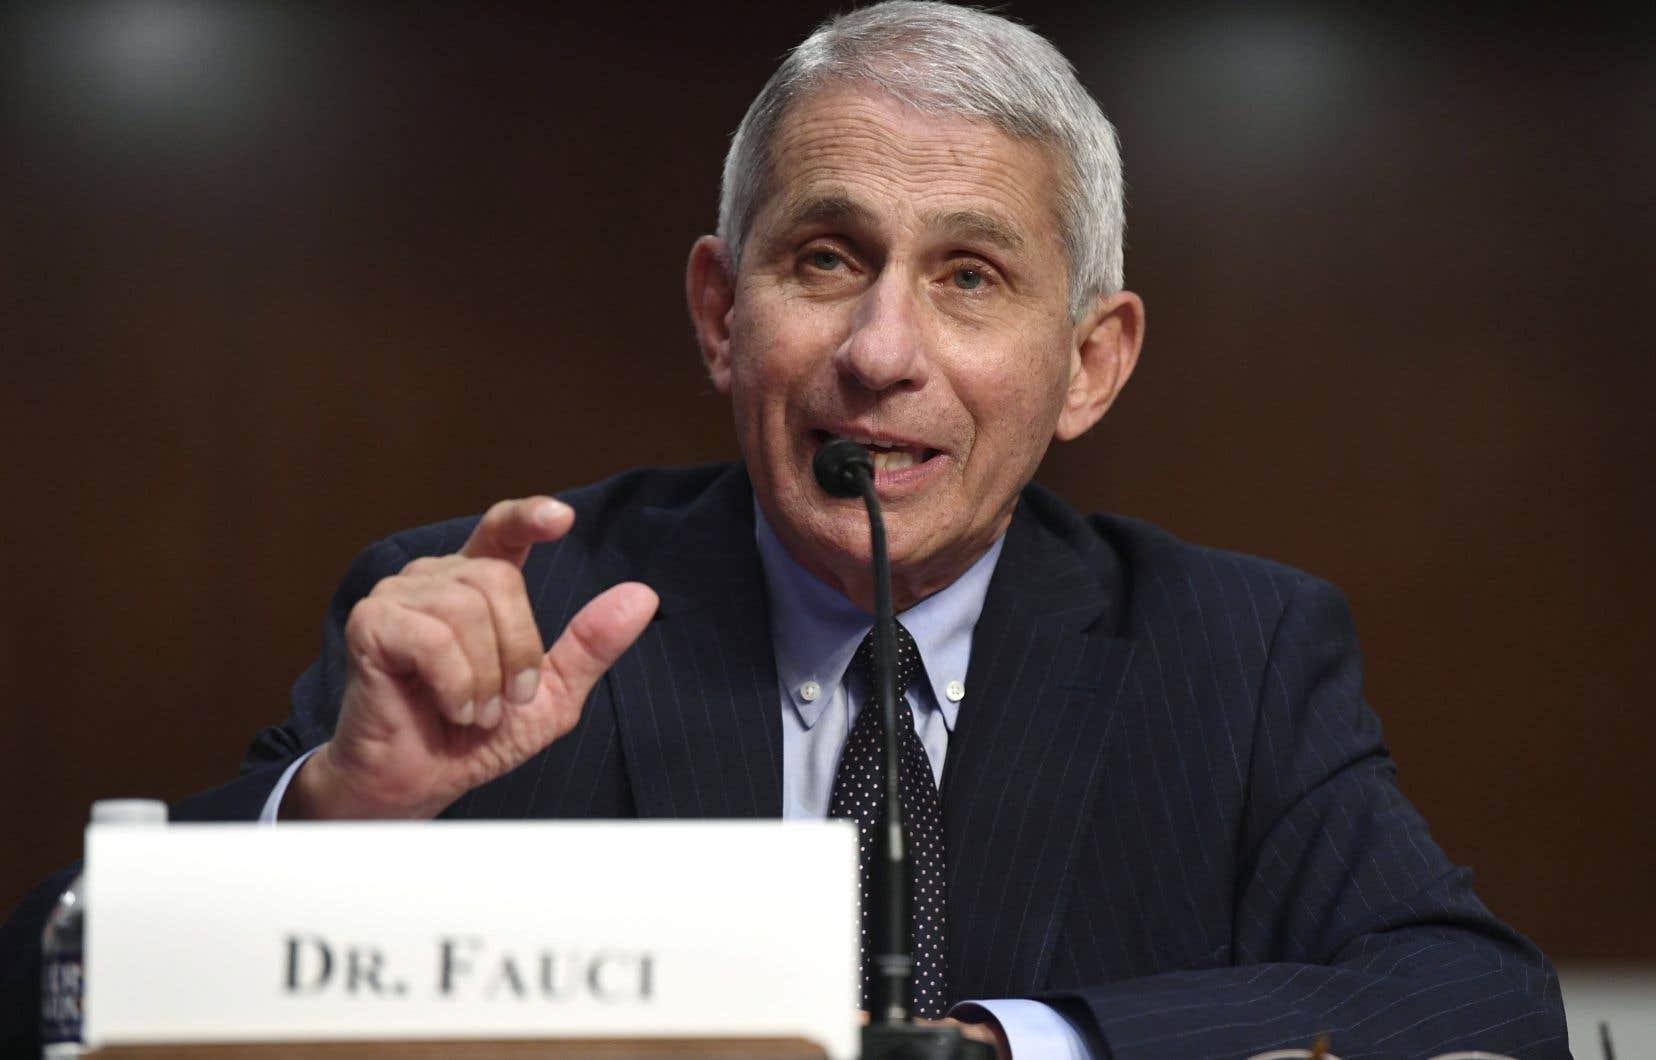 <p>Le docteur Fauci a déploré le «tout ou rien» pratiqué par nombre d'Américains: soit complètement confinés, soit «dans les bars, sans masques, sans éviter les foules, sans pratiquer la distanciation physique».</p>